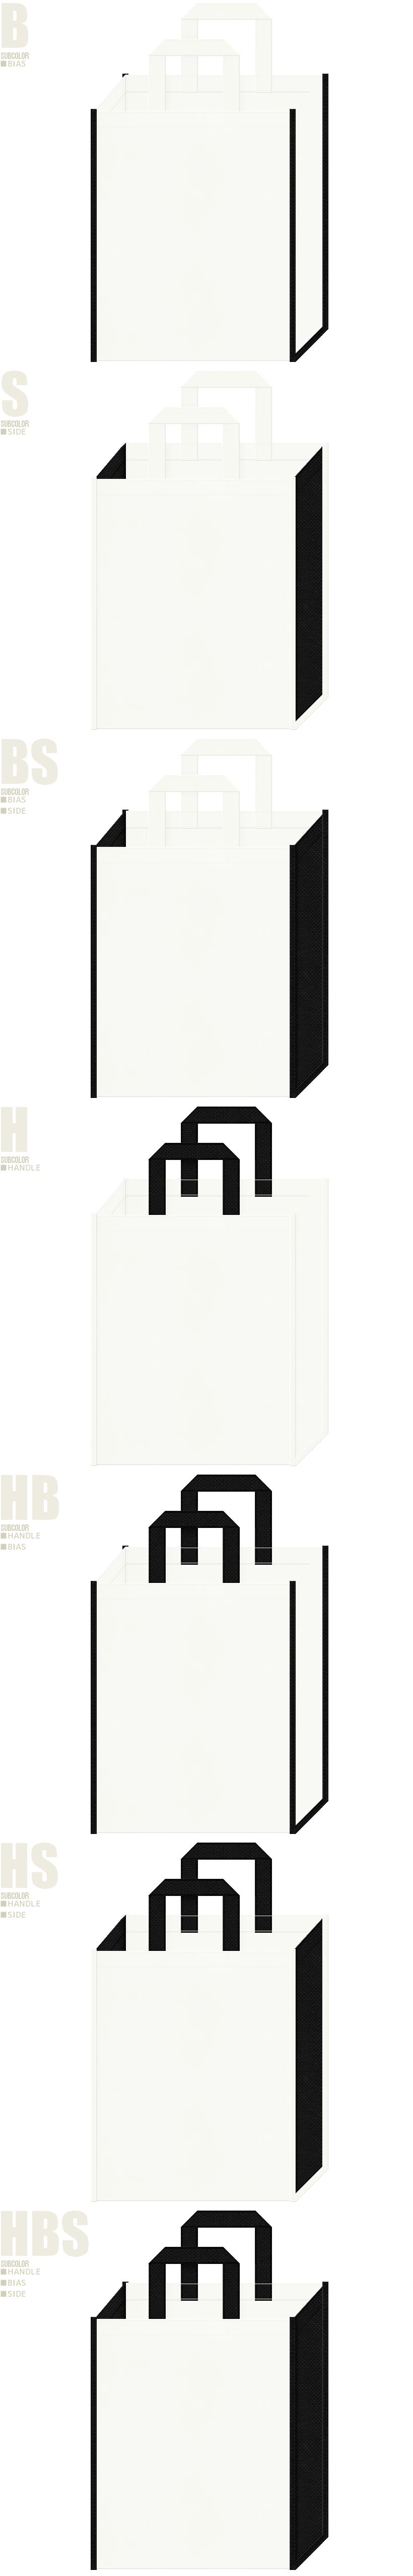 オフホワイト色と黒色、7パターンの不織布トートバッグ配色デザイン例。ゴスロリイメージの不織布バッグにお奨めの配色です。